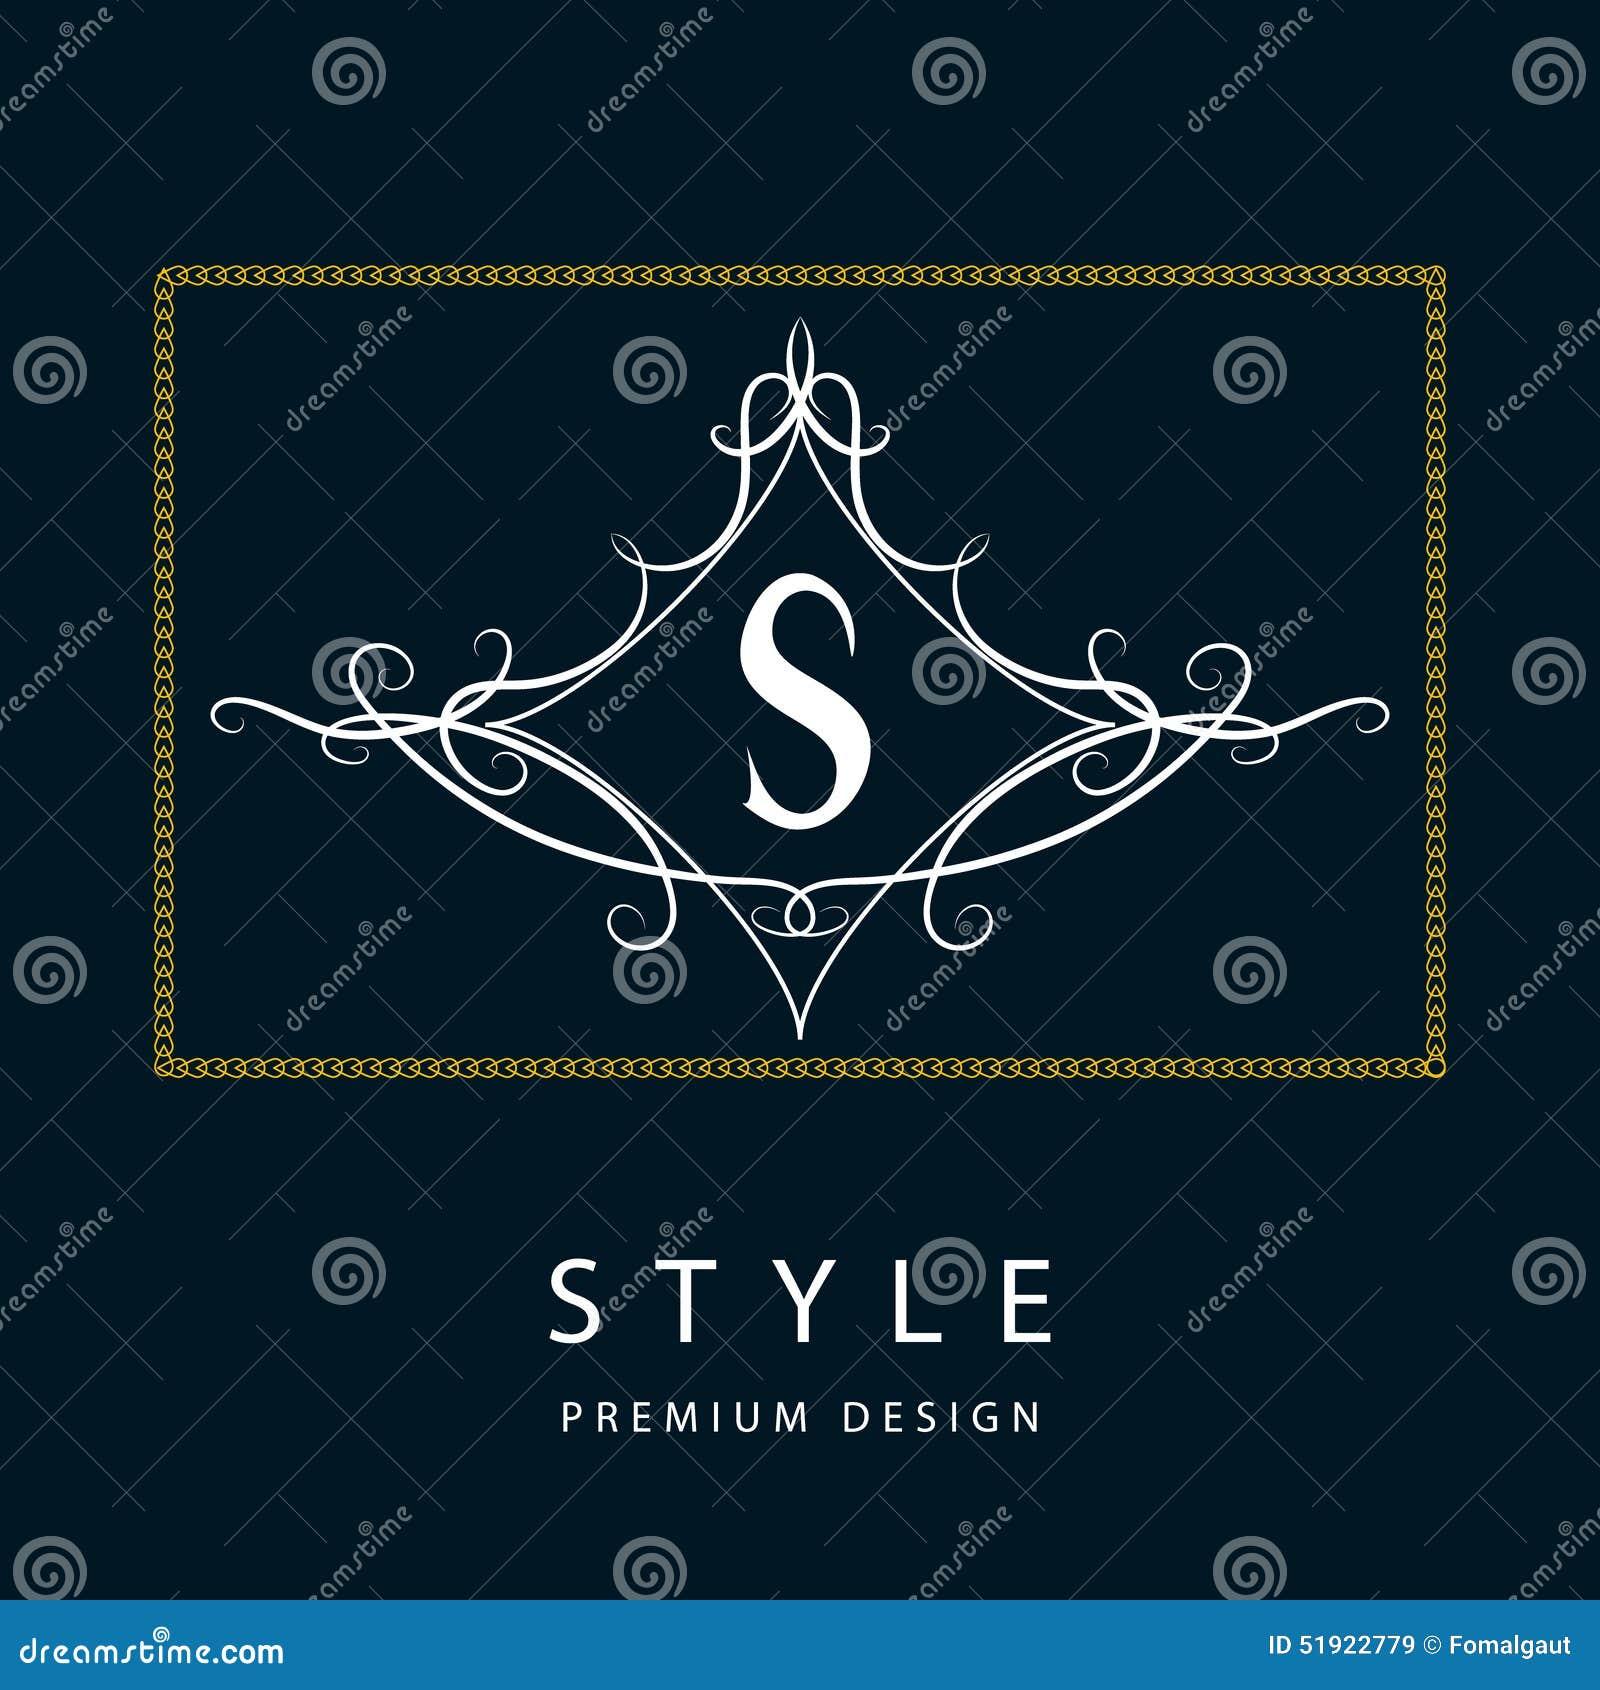 Элементы дизайна вензеля, грациозно шаблон Элегантная линия дизайн логотипа искусства письмо s эмблема также вектор иллюстрации п